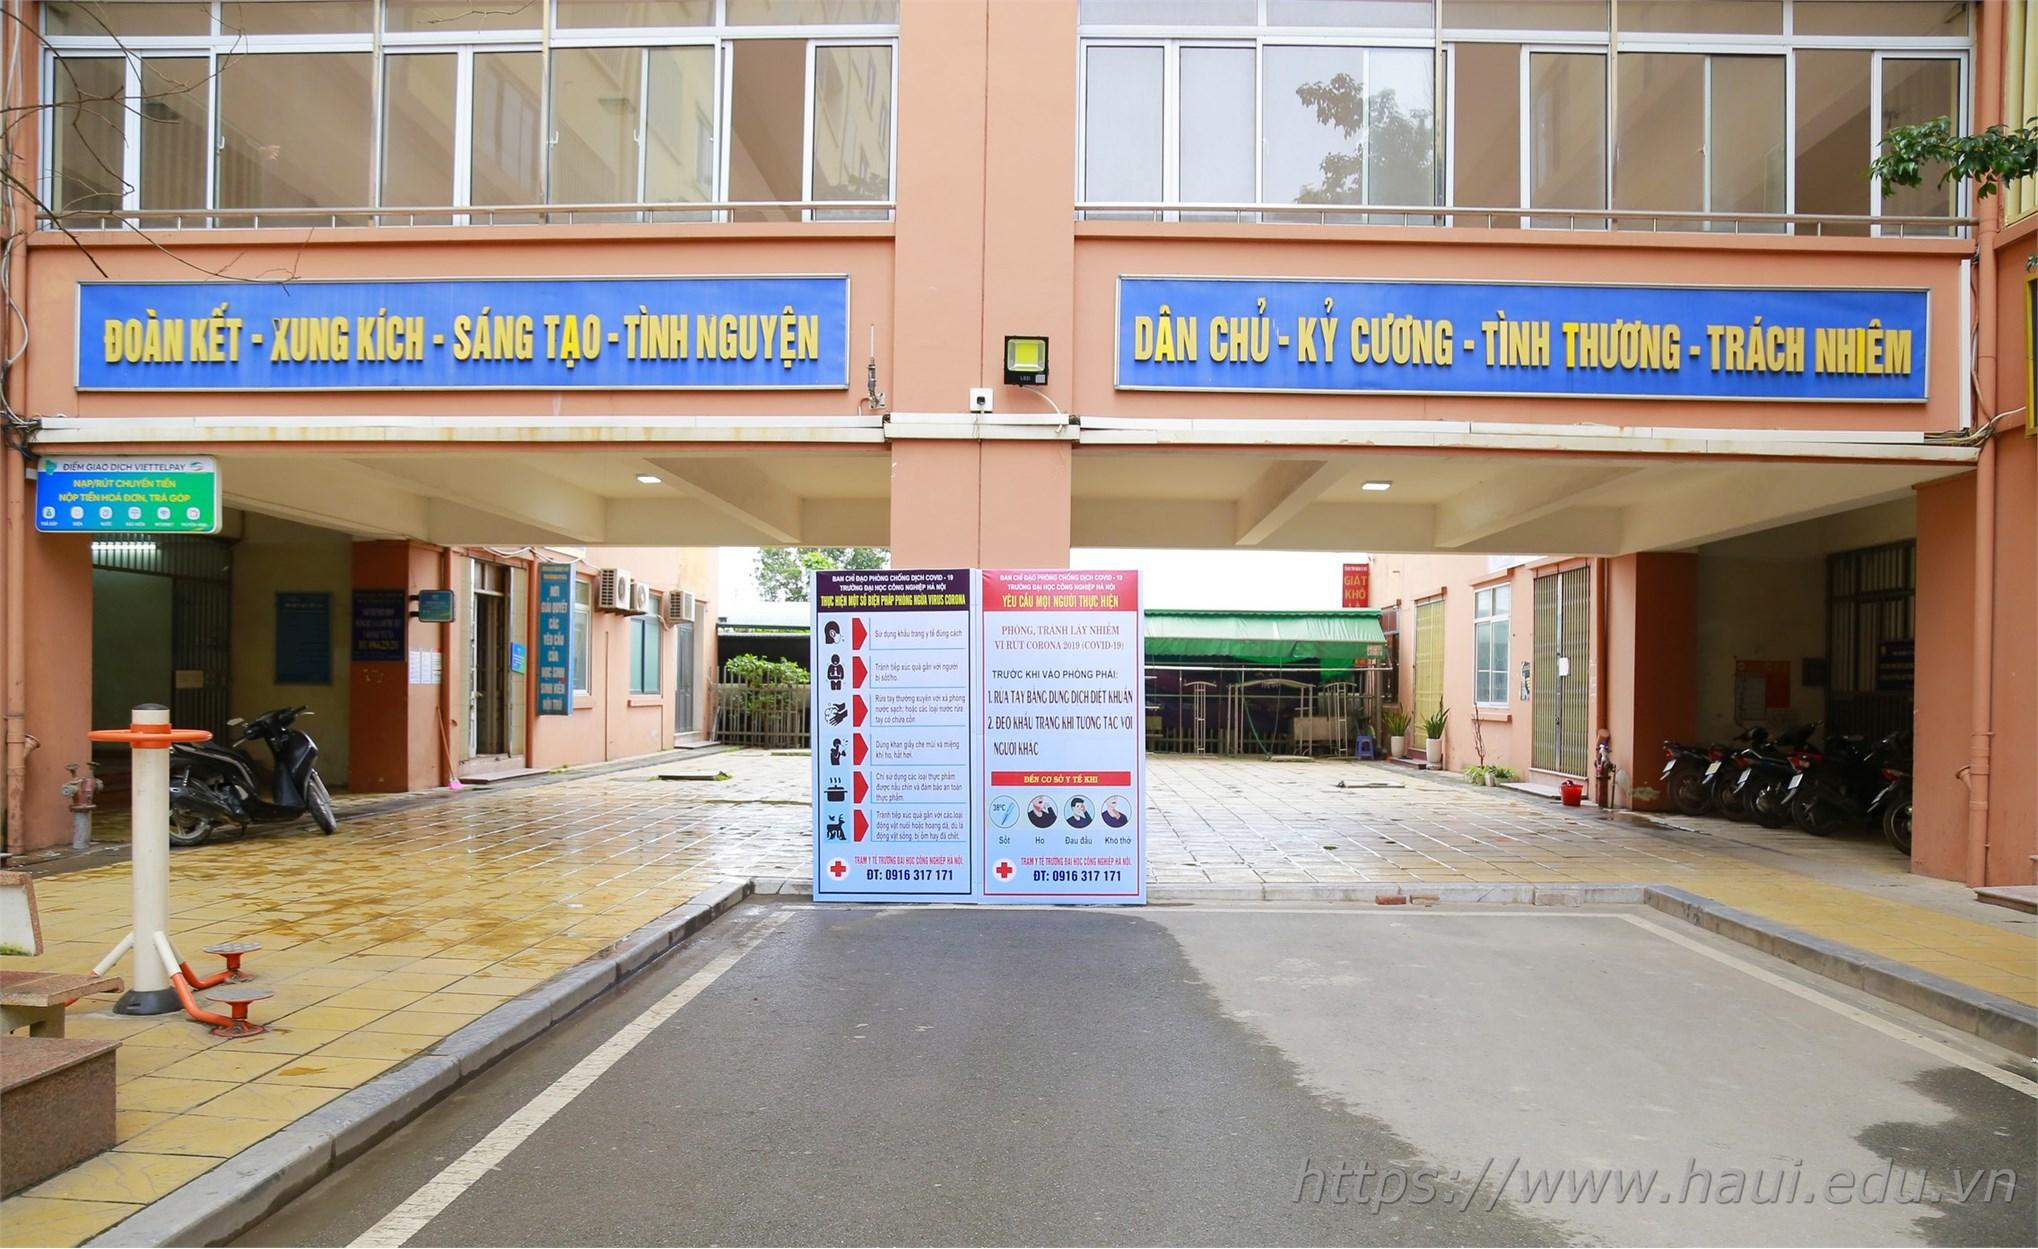 Tâm sự của sinh viên Đại học Công nghiệp Hà Nội ở Ký túc xá thời COVID-19